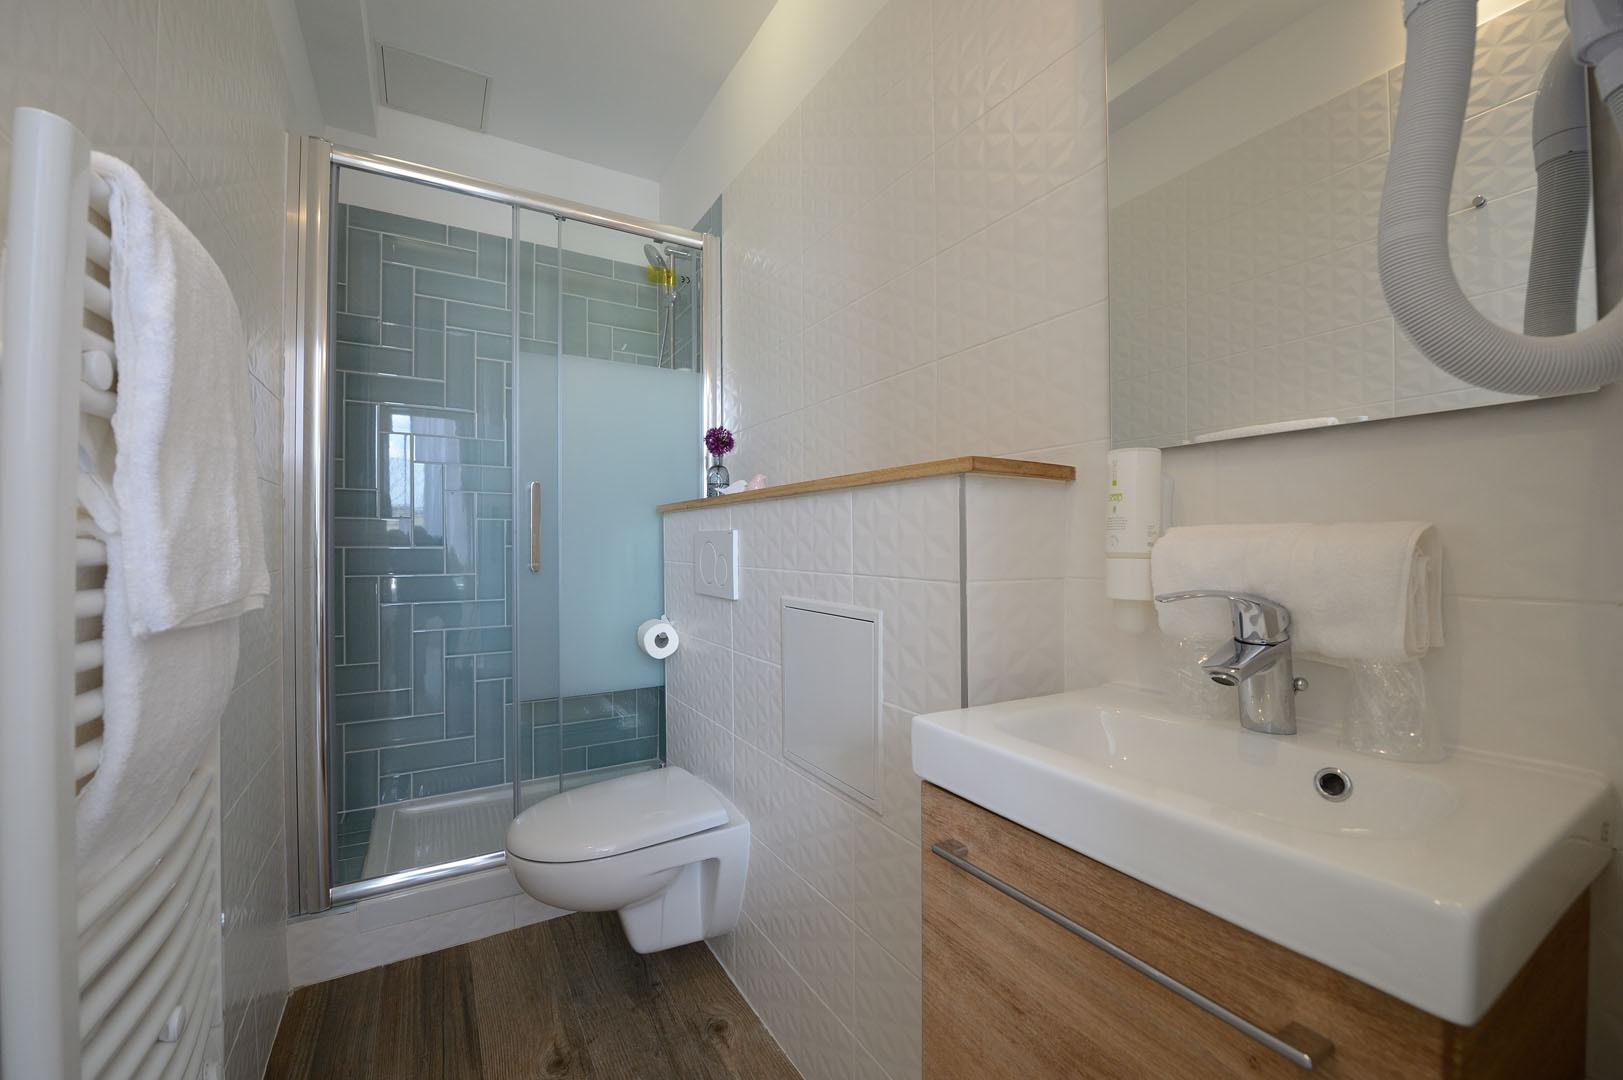 Grande salle de bain de notre hôtel design à Paris, l'hôtel Terre Neuve.